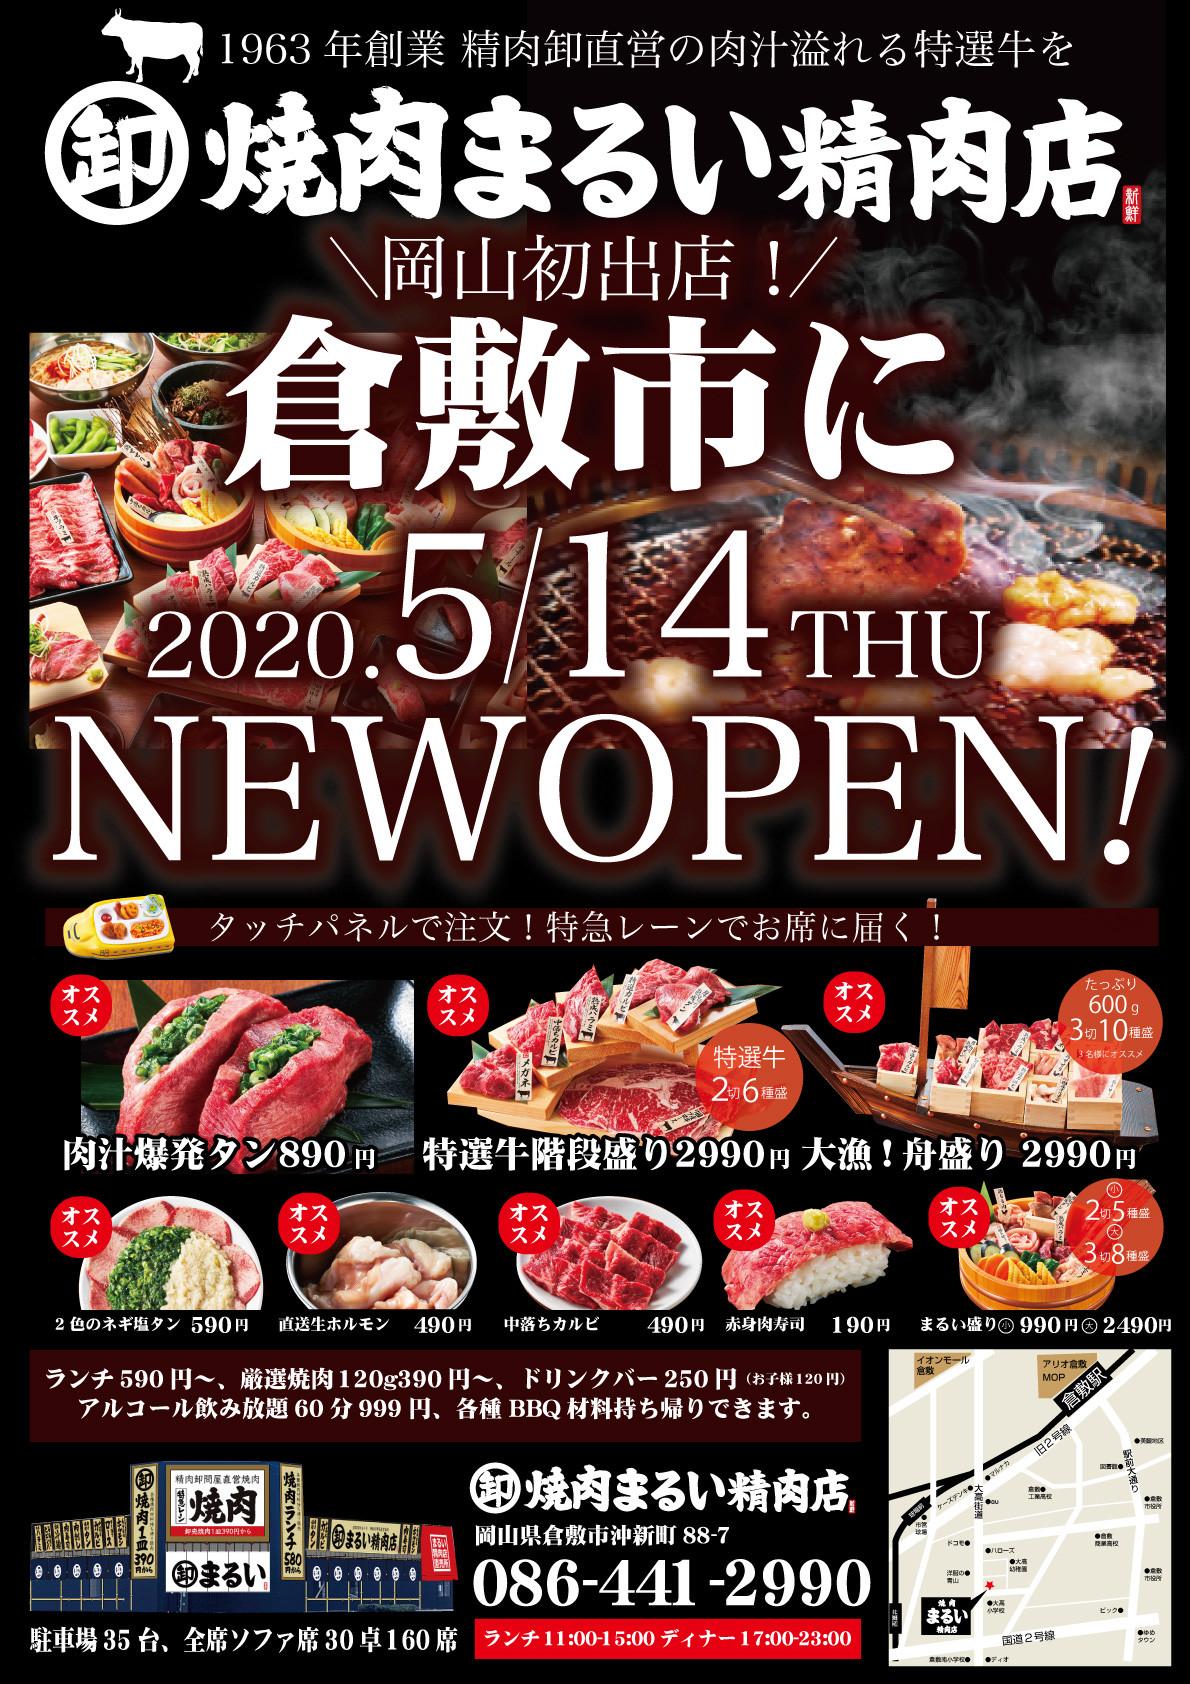 焼肉まるい精肉店の実店舗は岡山県倉敷市にあります。店舗詳細はコチラから!